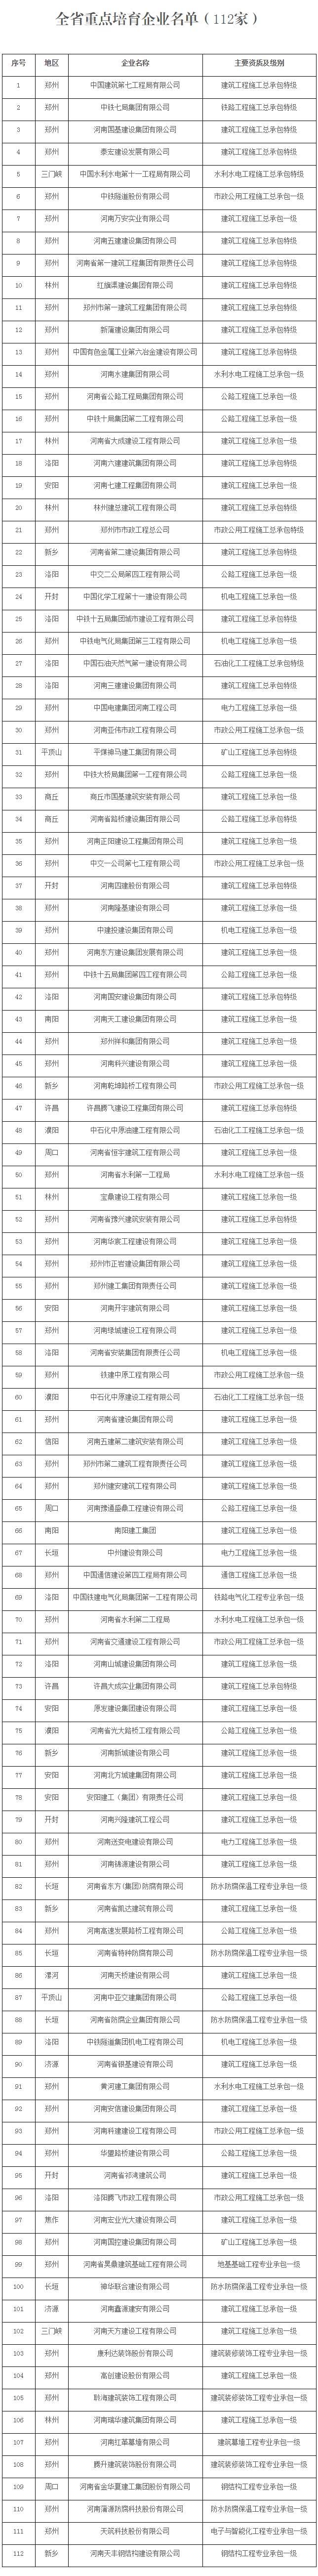 河南省住房和城乡建设厅0.jpg